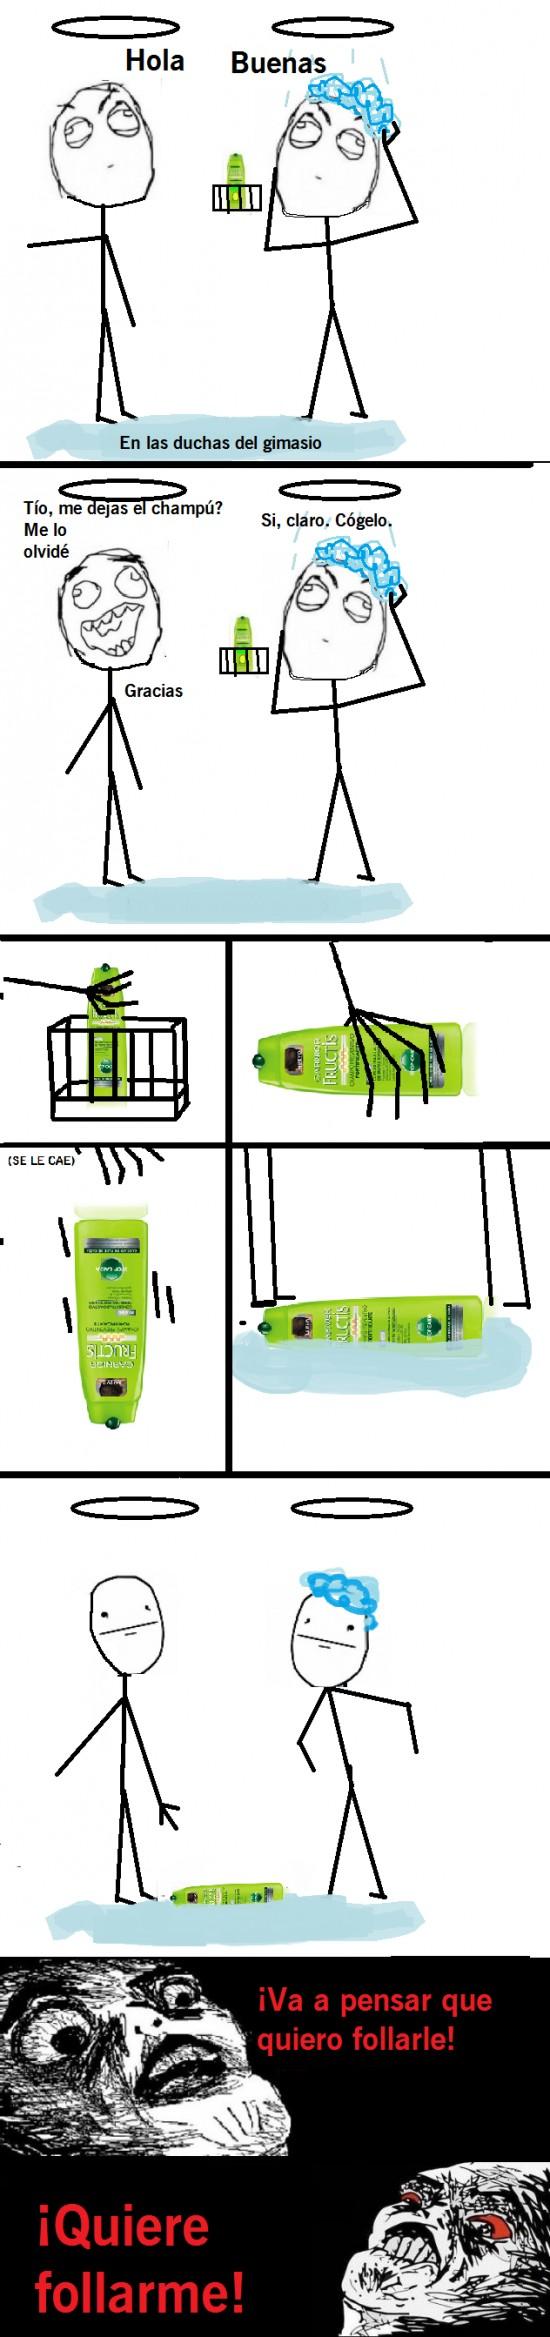 Inglip - Jabón en la ducha